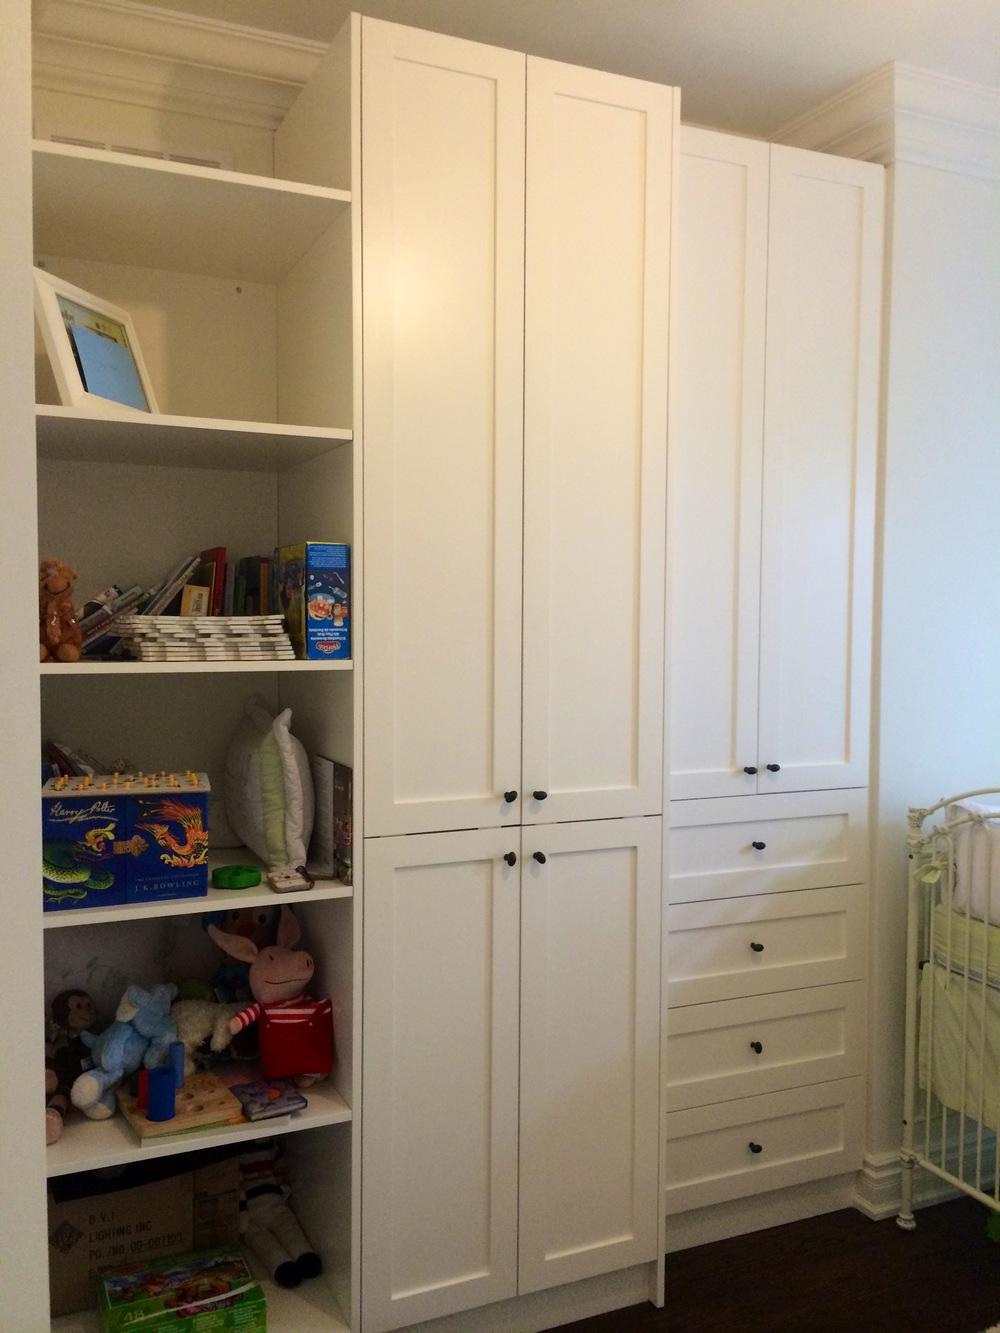 babies-room-closet_15486906031_o.jpg